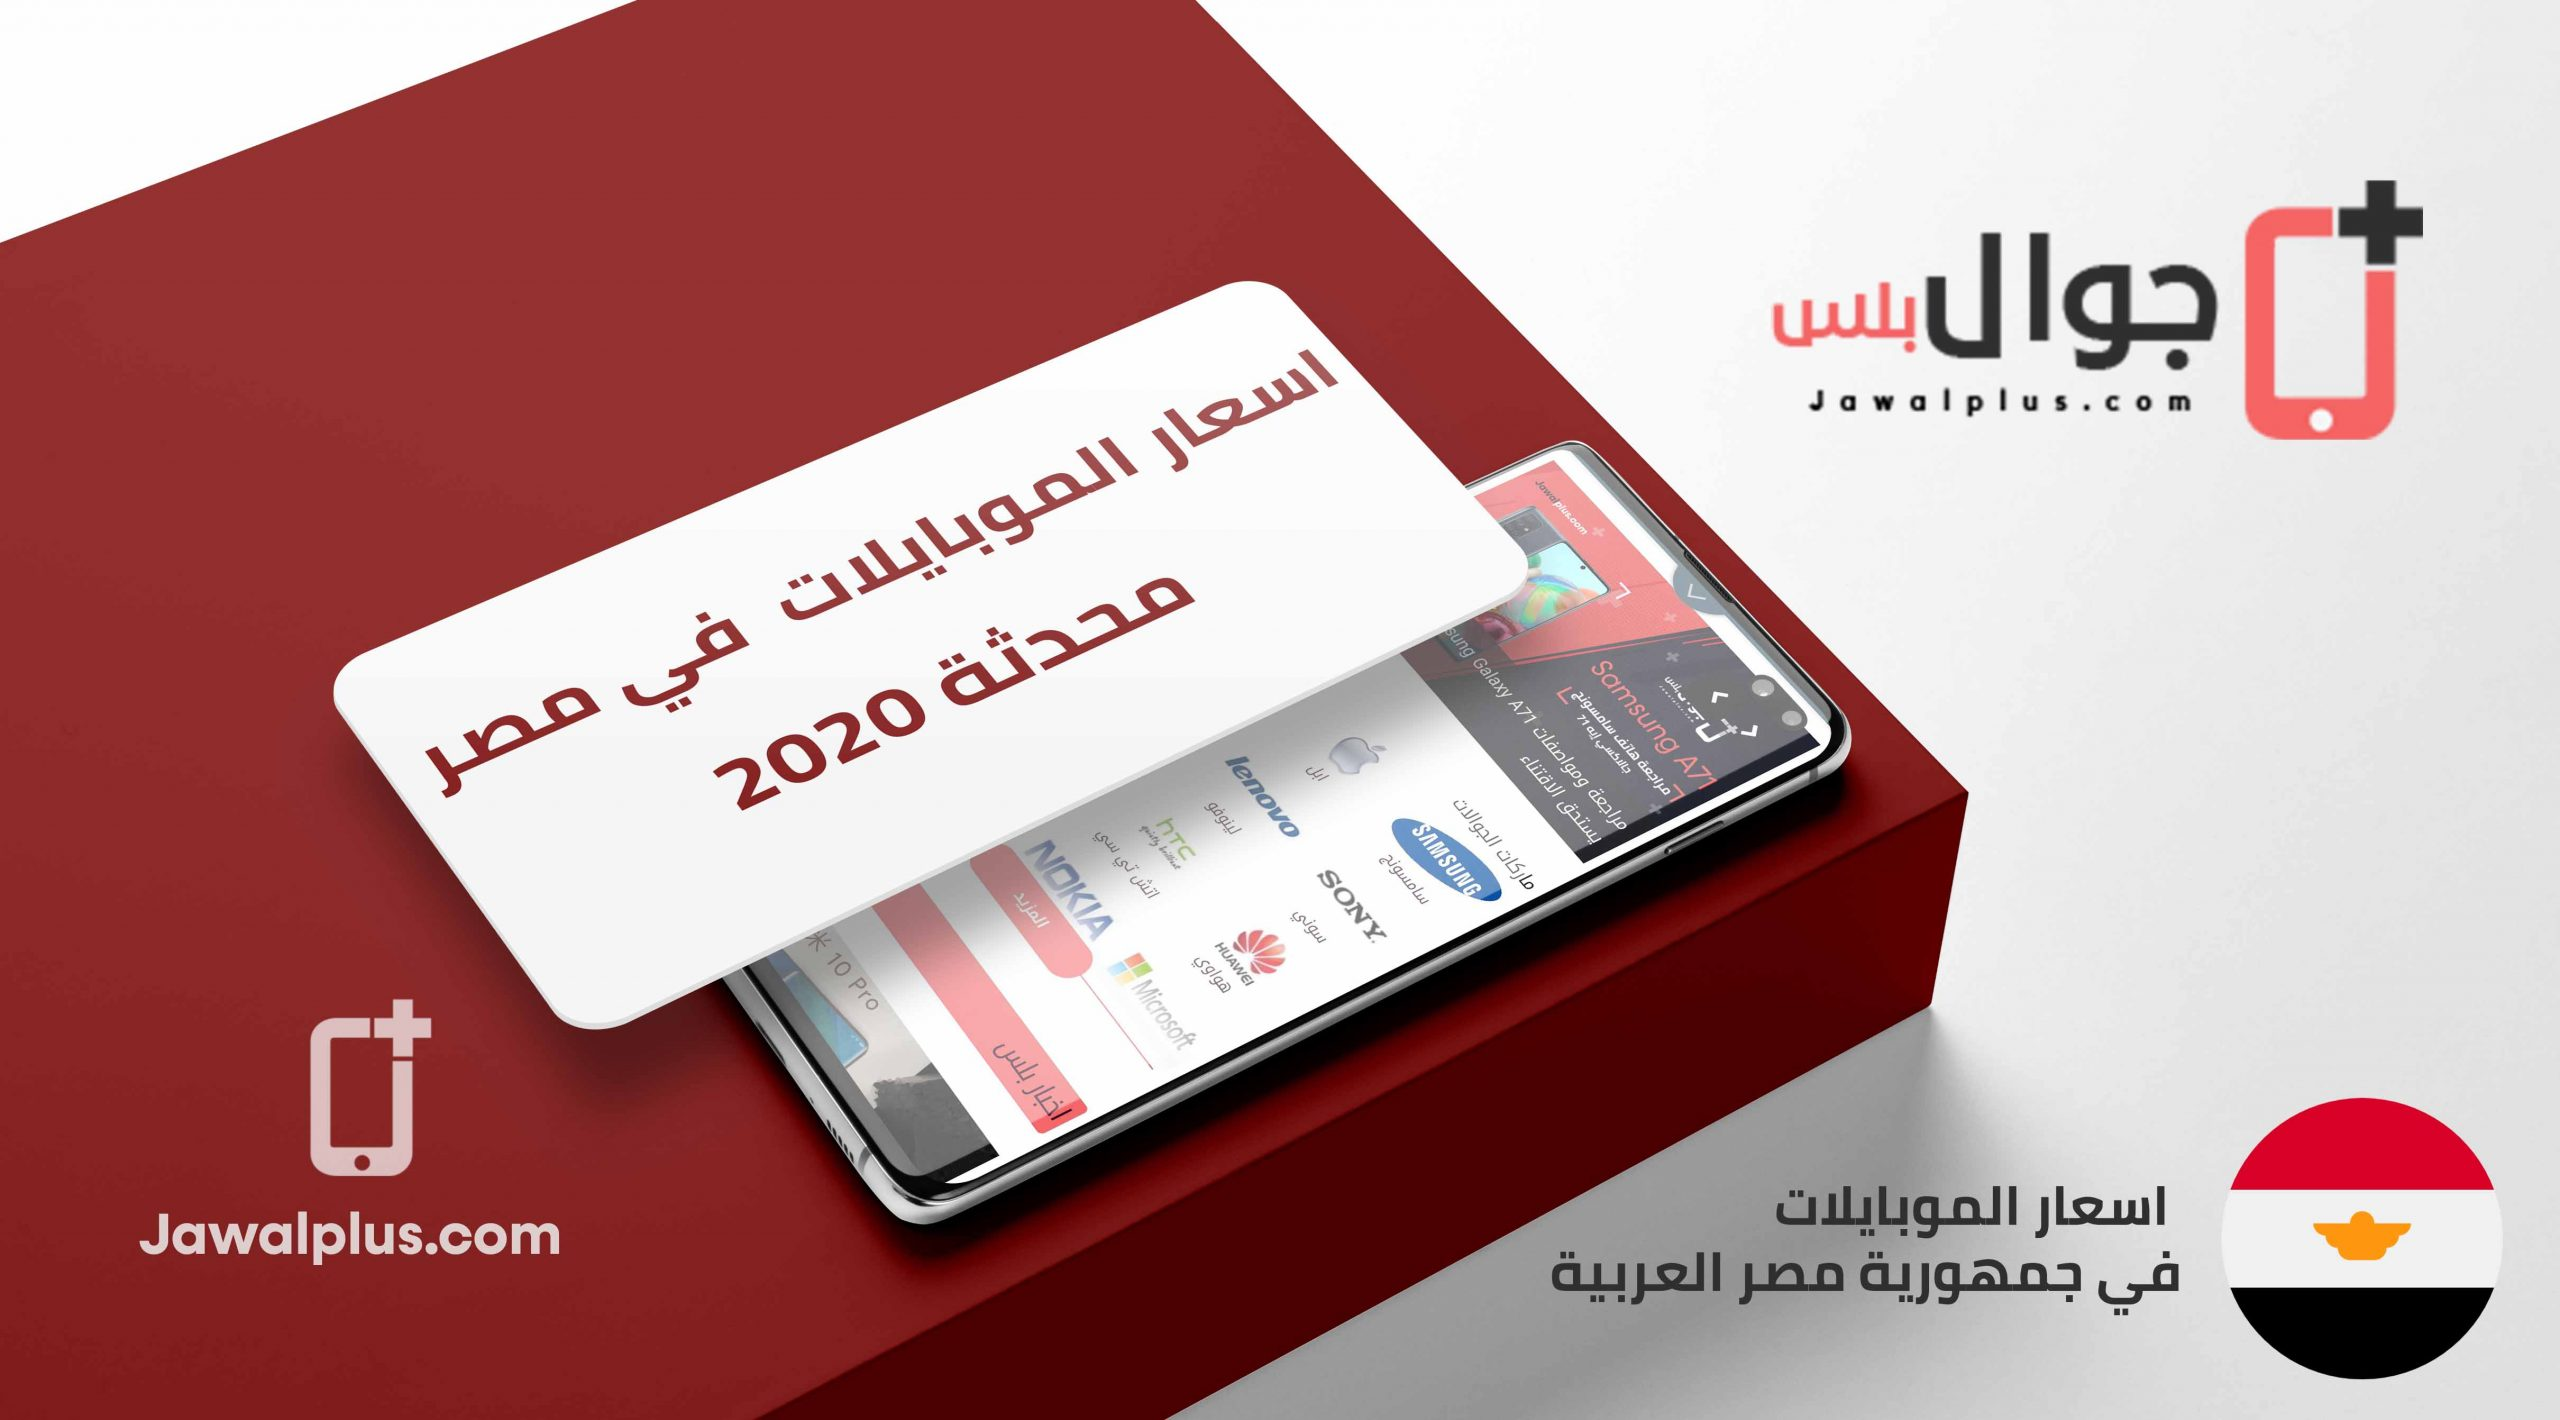 اسعار الموبايلات في مصر 2020